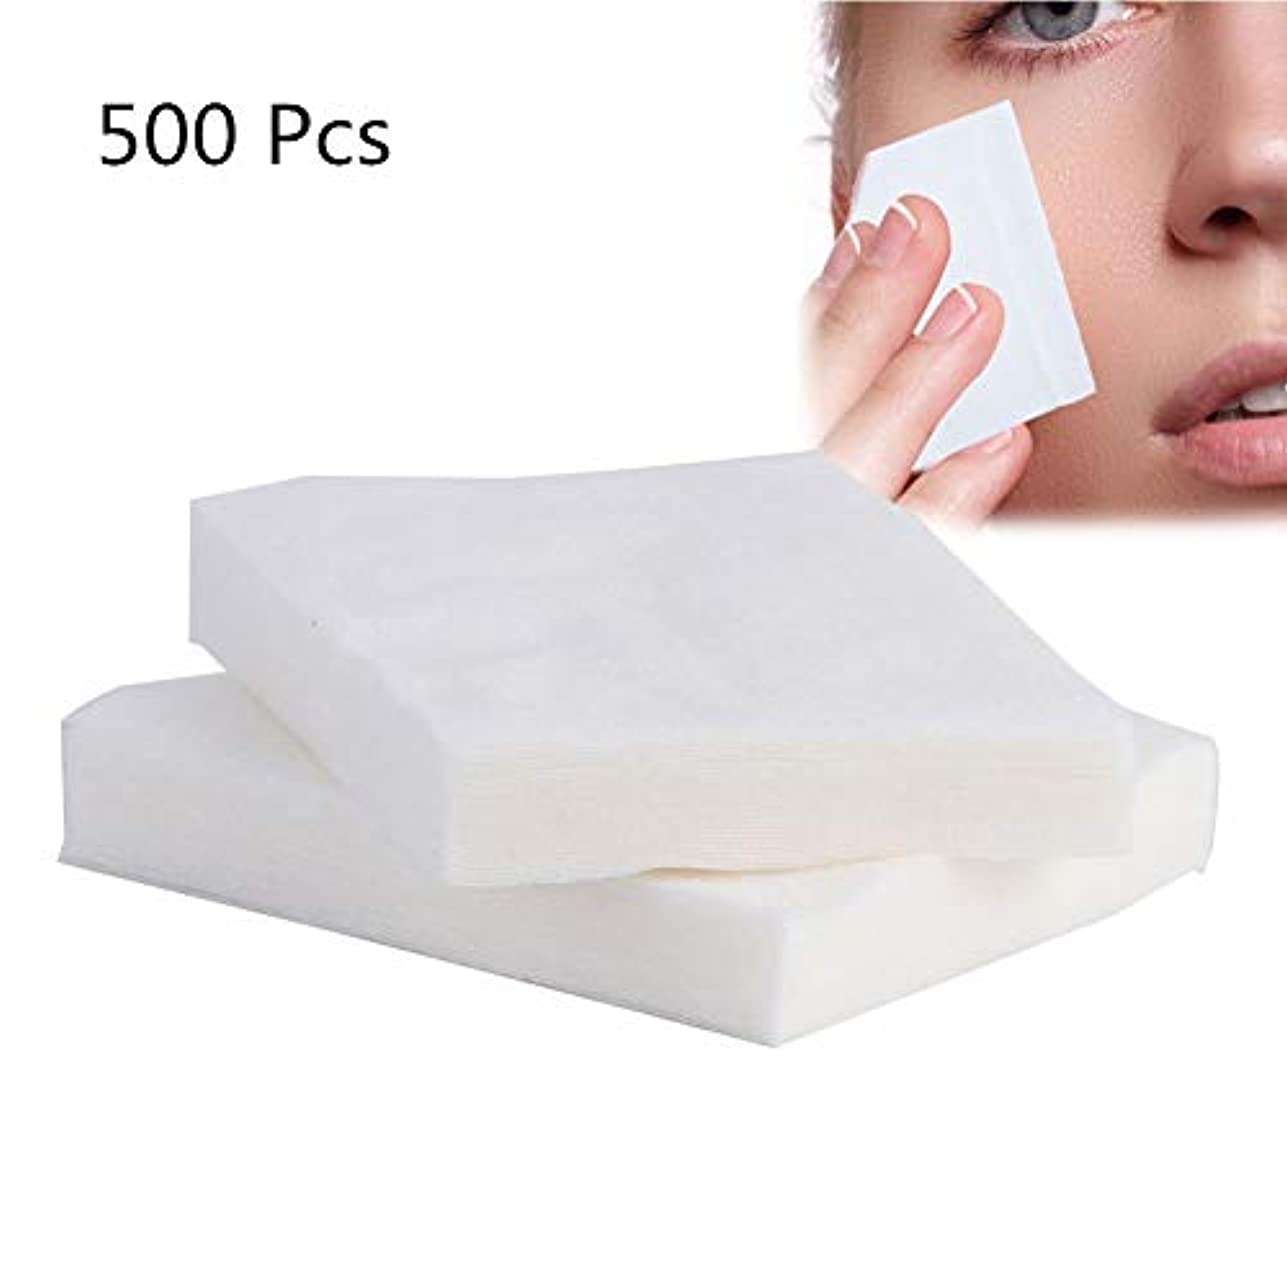 500ピース綿棒、化粧用メイク落とし、洗顔、ウェット/ドライ/フェイス/メイク落とし用